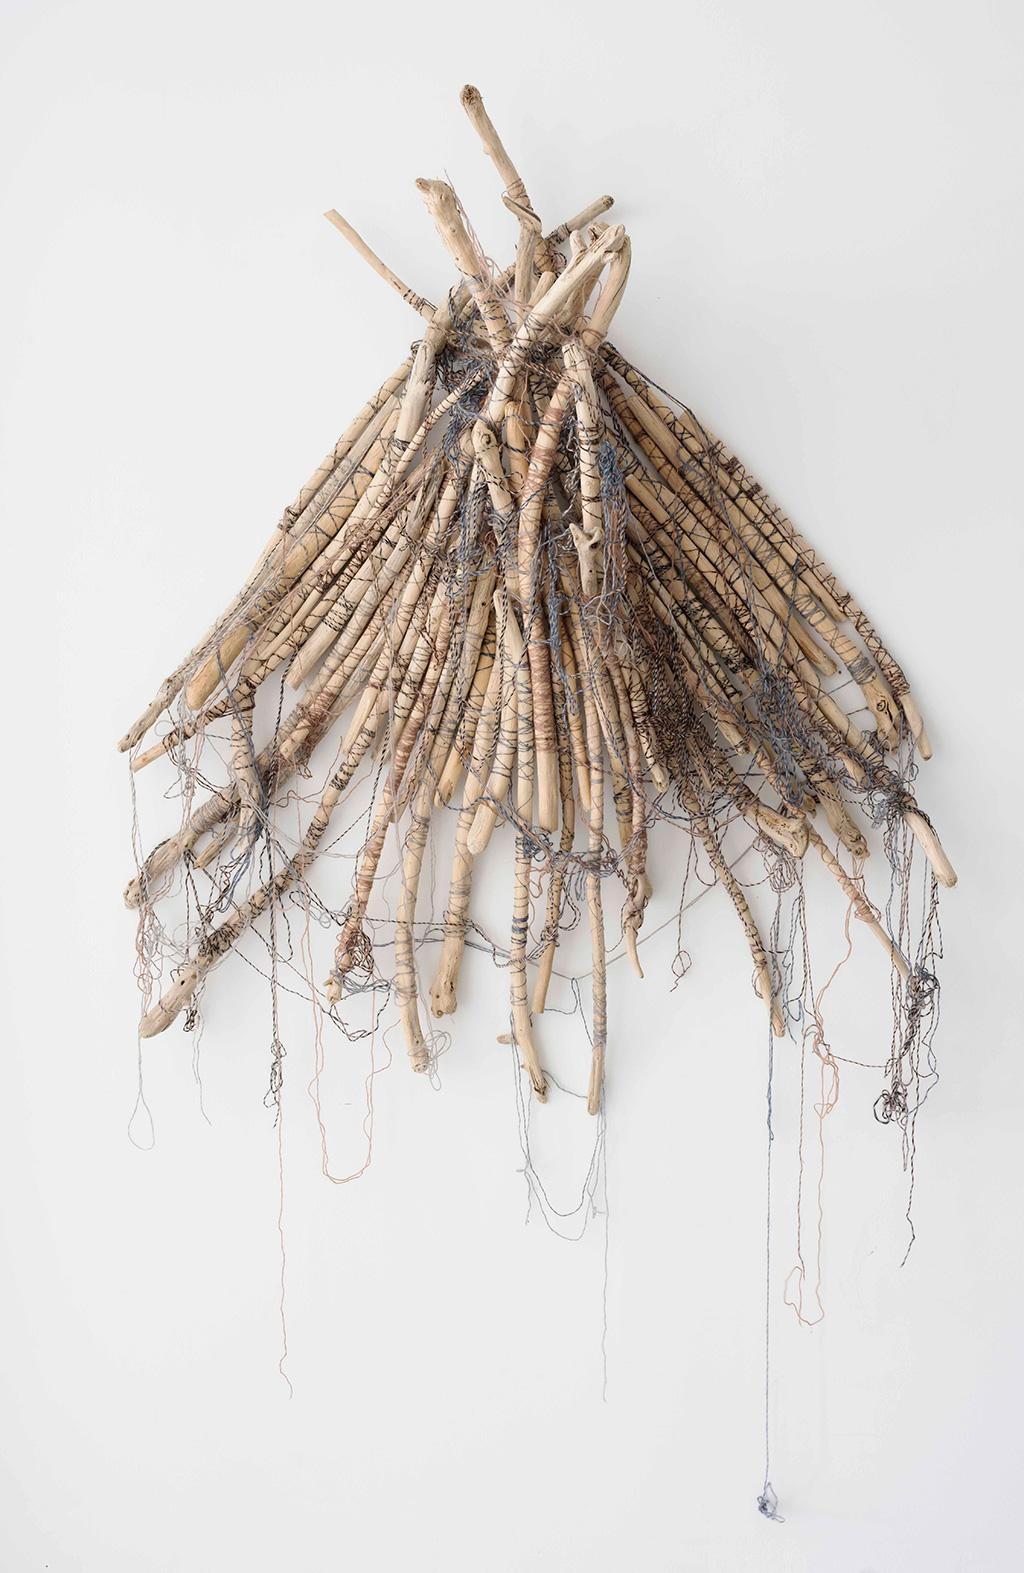 Bluebottle,-driftwood-cotton-fibre,-130x110x20cm,-$6800